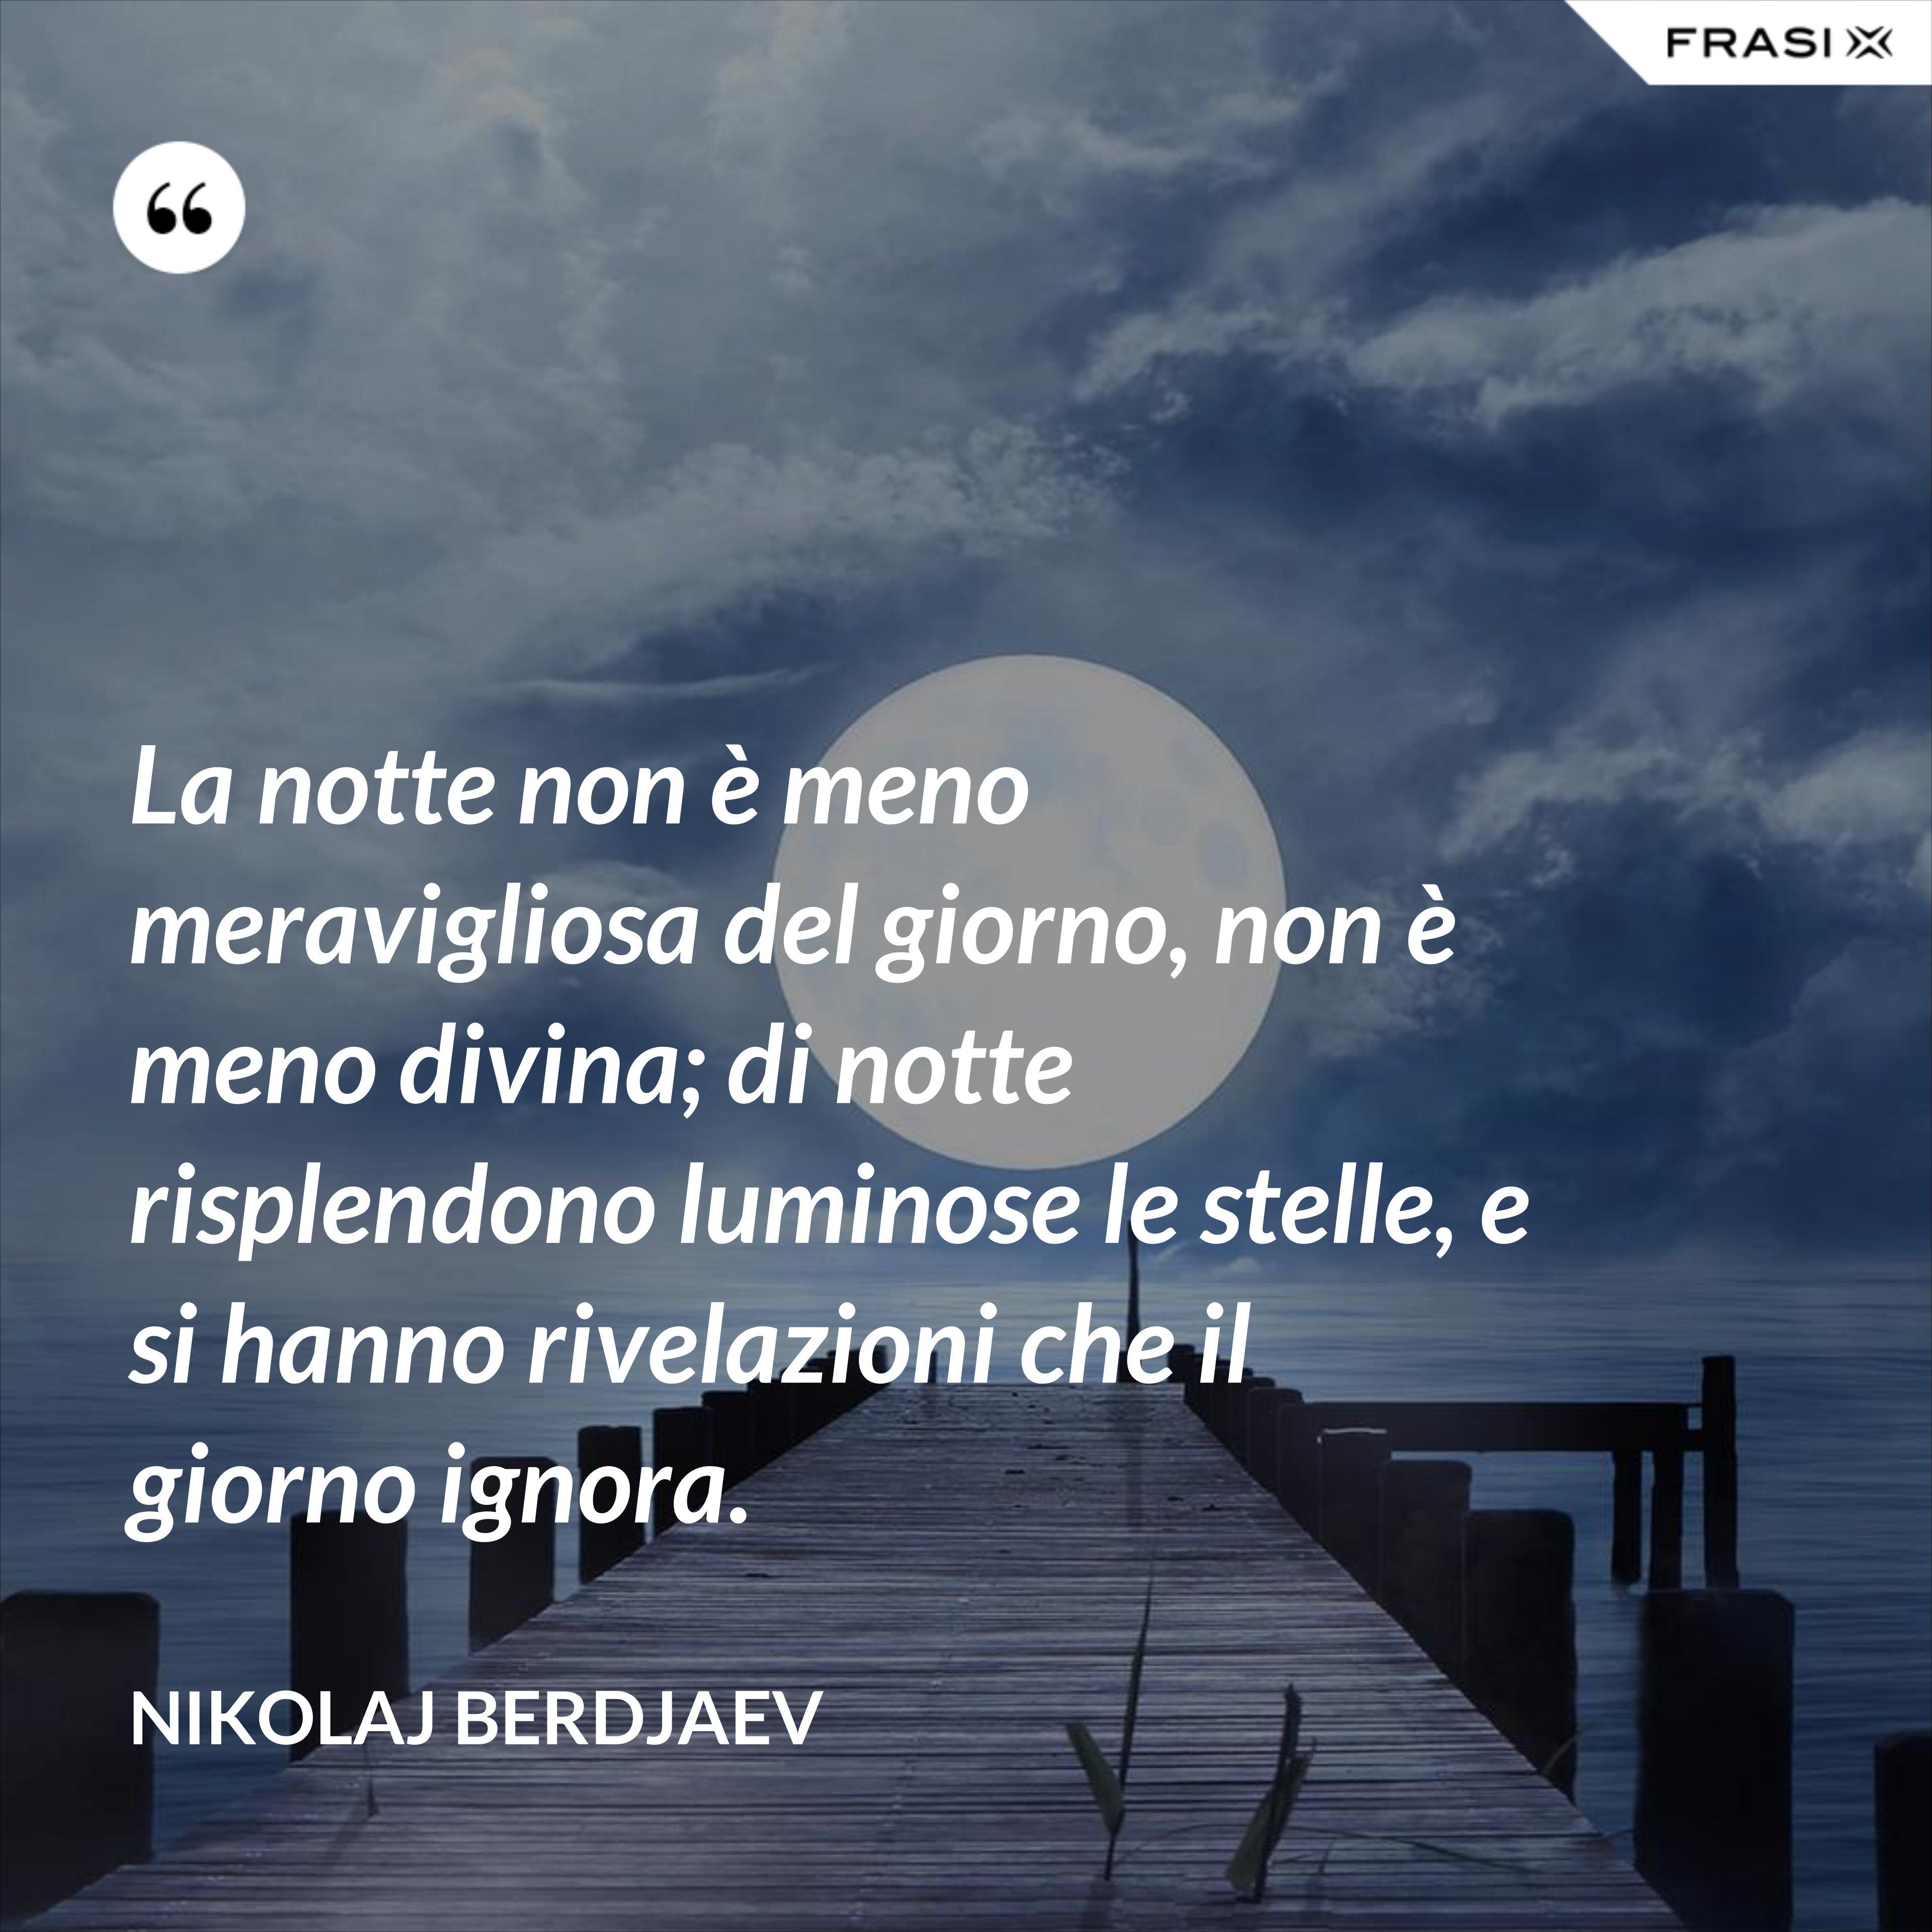 La notte non è meno meravigliosa del giorno, non è meno divina; di notte risplendono luminose le stelle, e si hanno rivelazioni che il giorno ignora. - Nikolaj Berdjaev